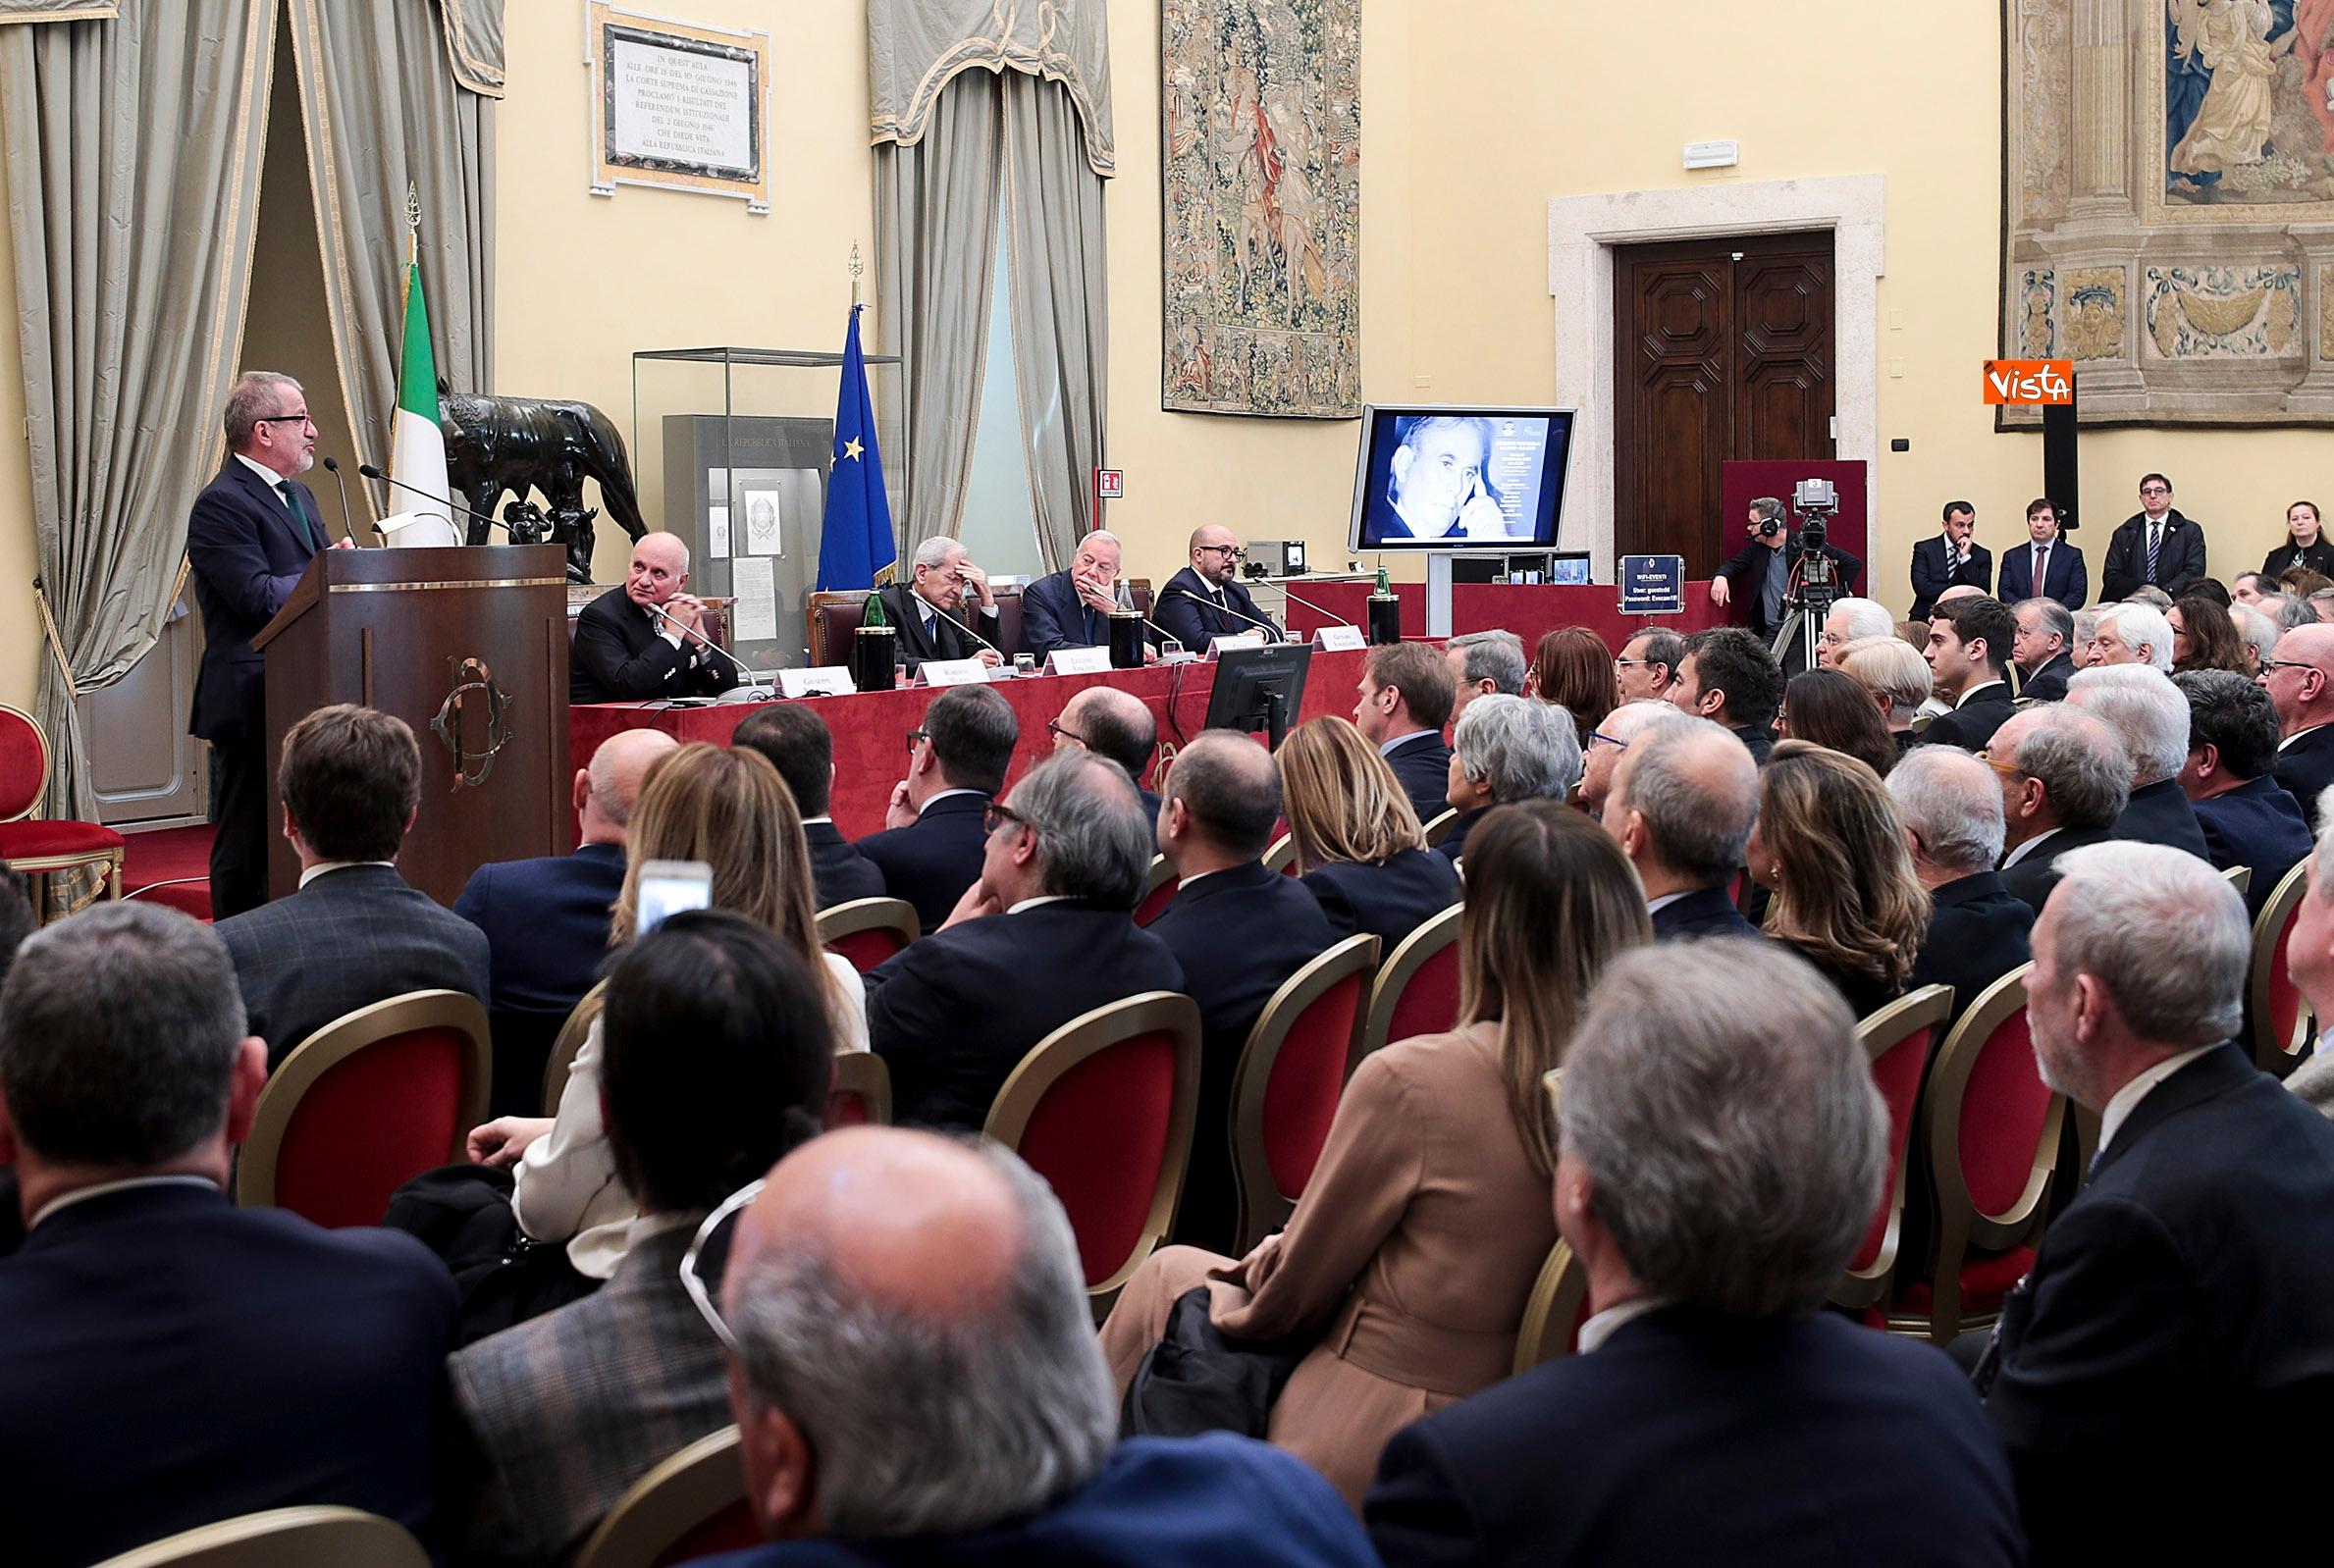 08-02-19 Mattarella alla commemorazione di Giuseppe Tatarella 02